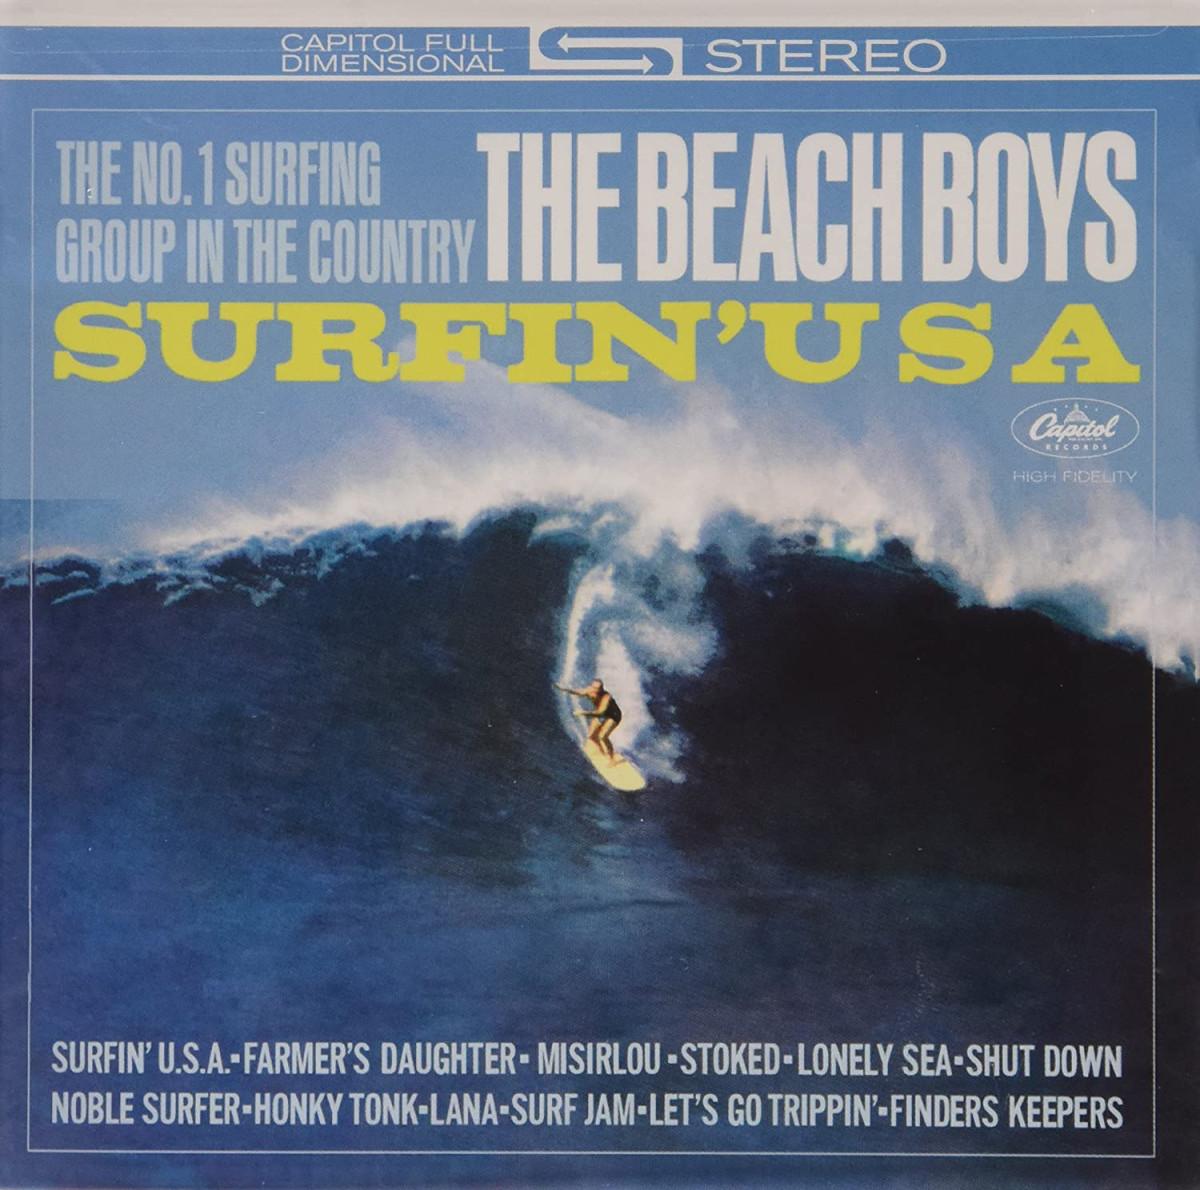 The Beach Boys, Surfin' USA